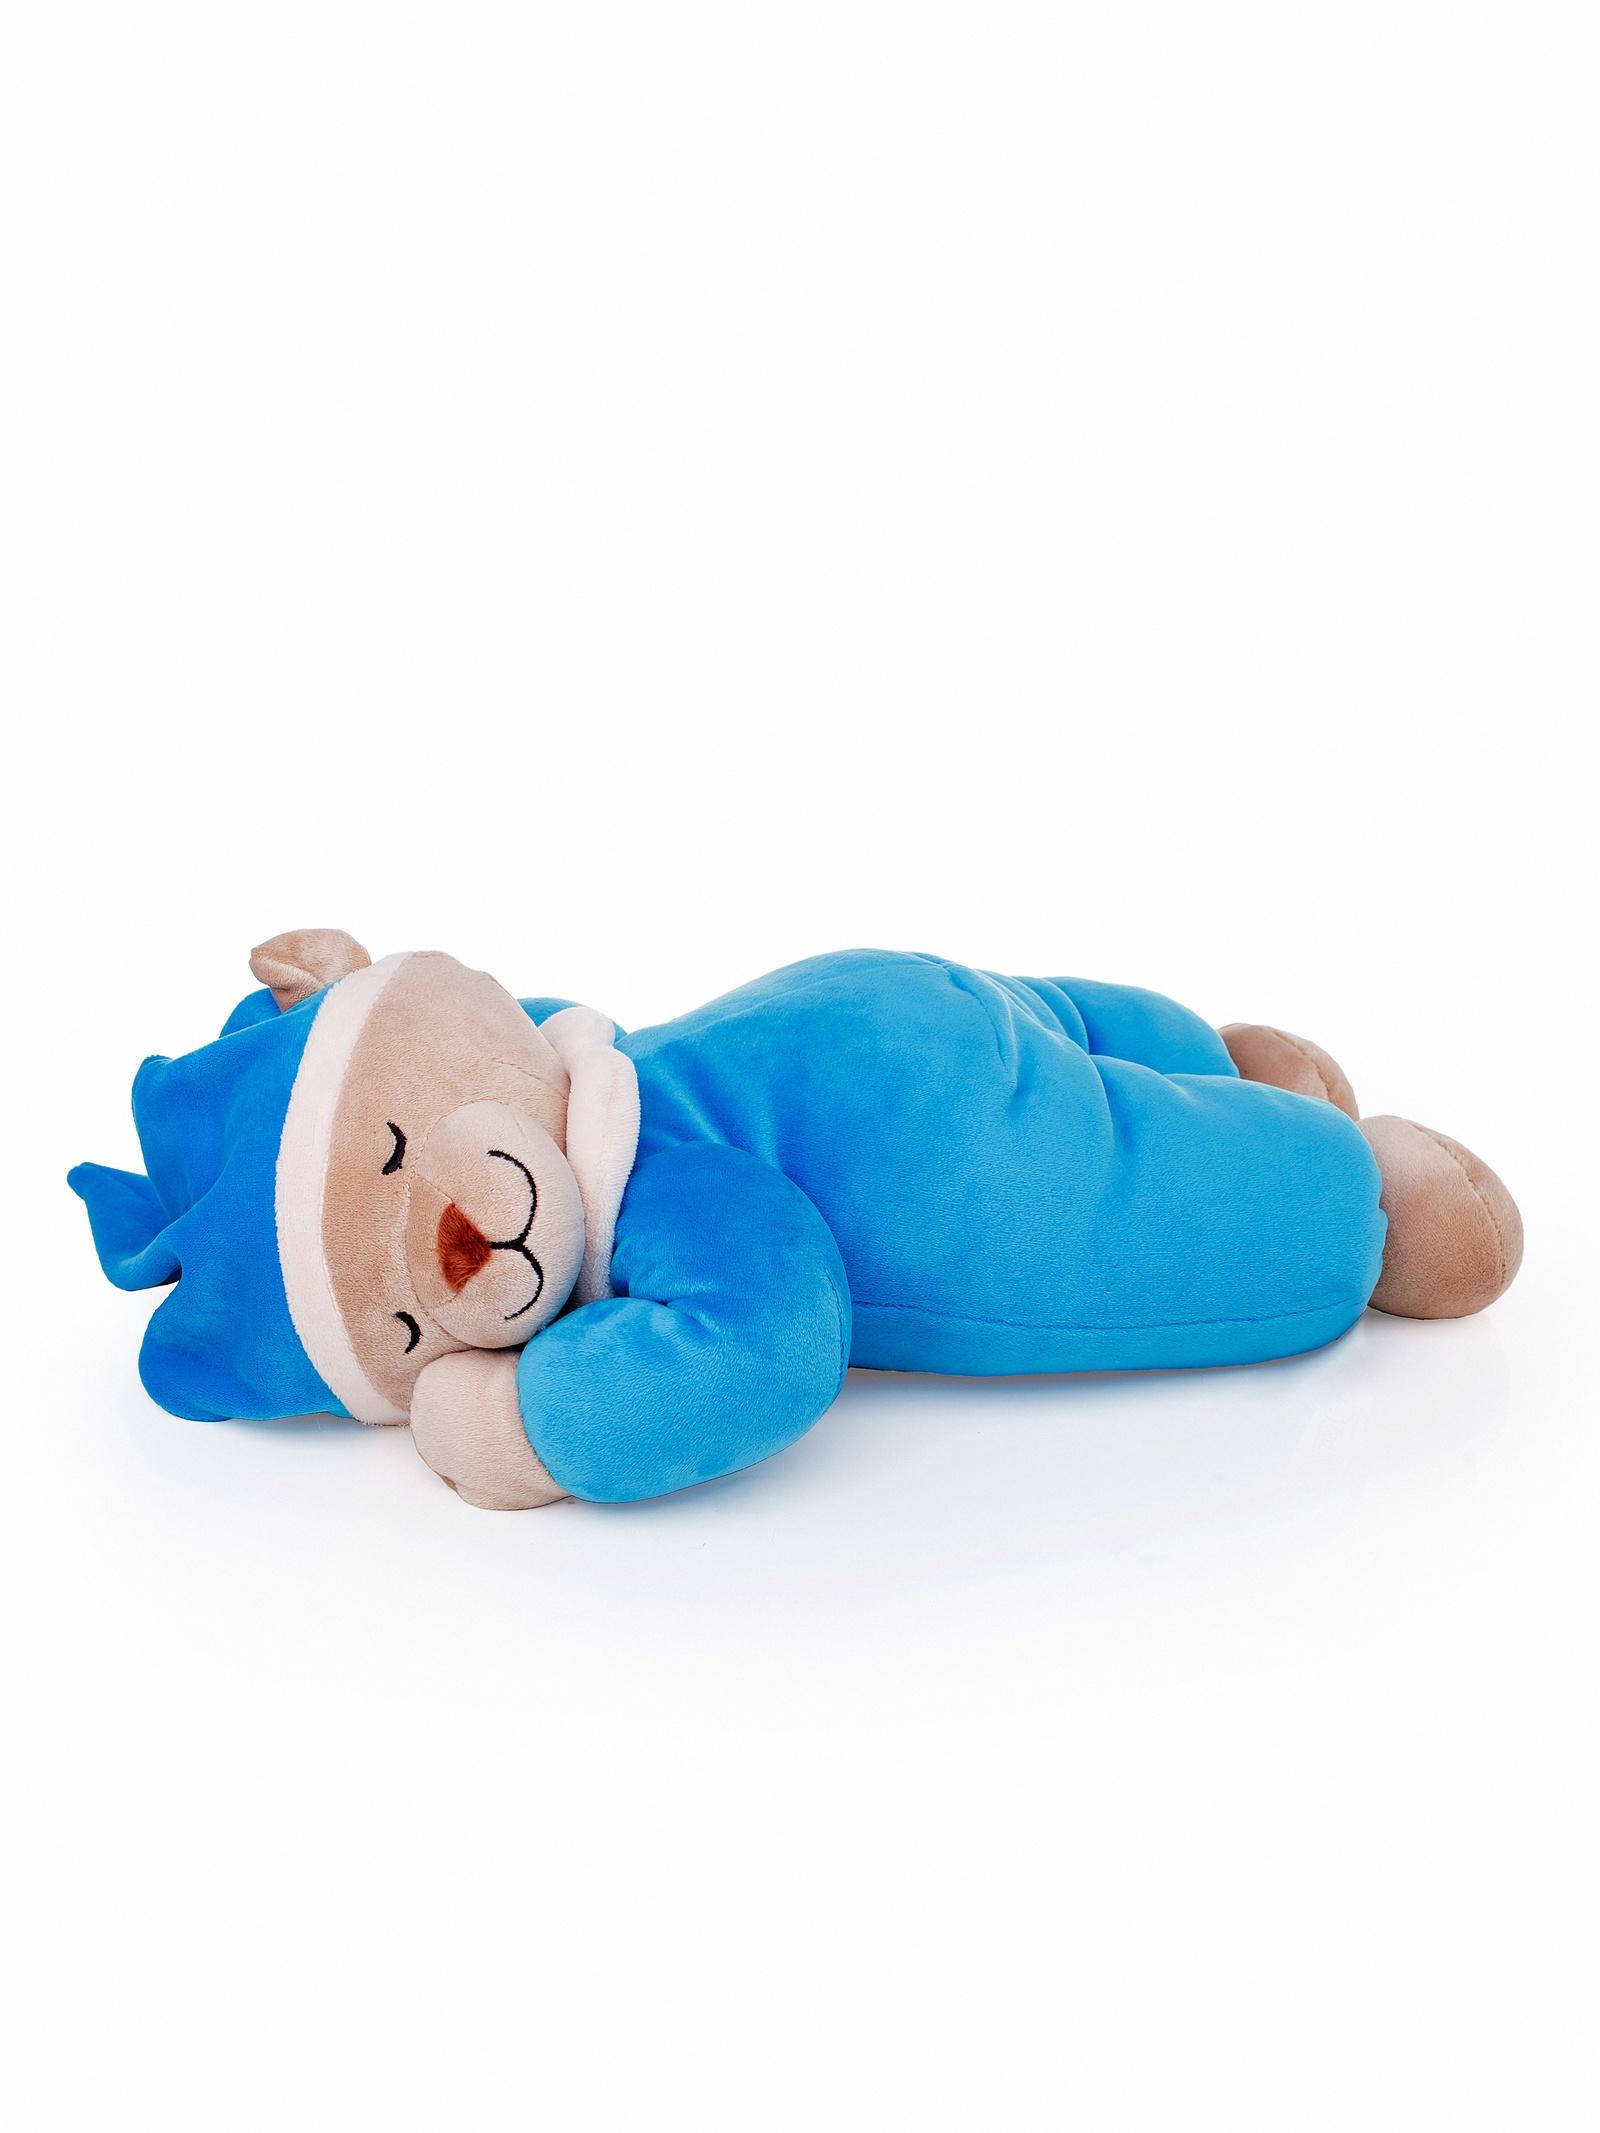 Мягкая Игрушка Мишка Малыш, 40см